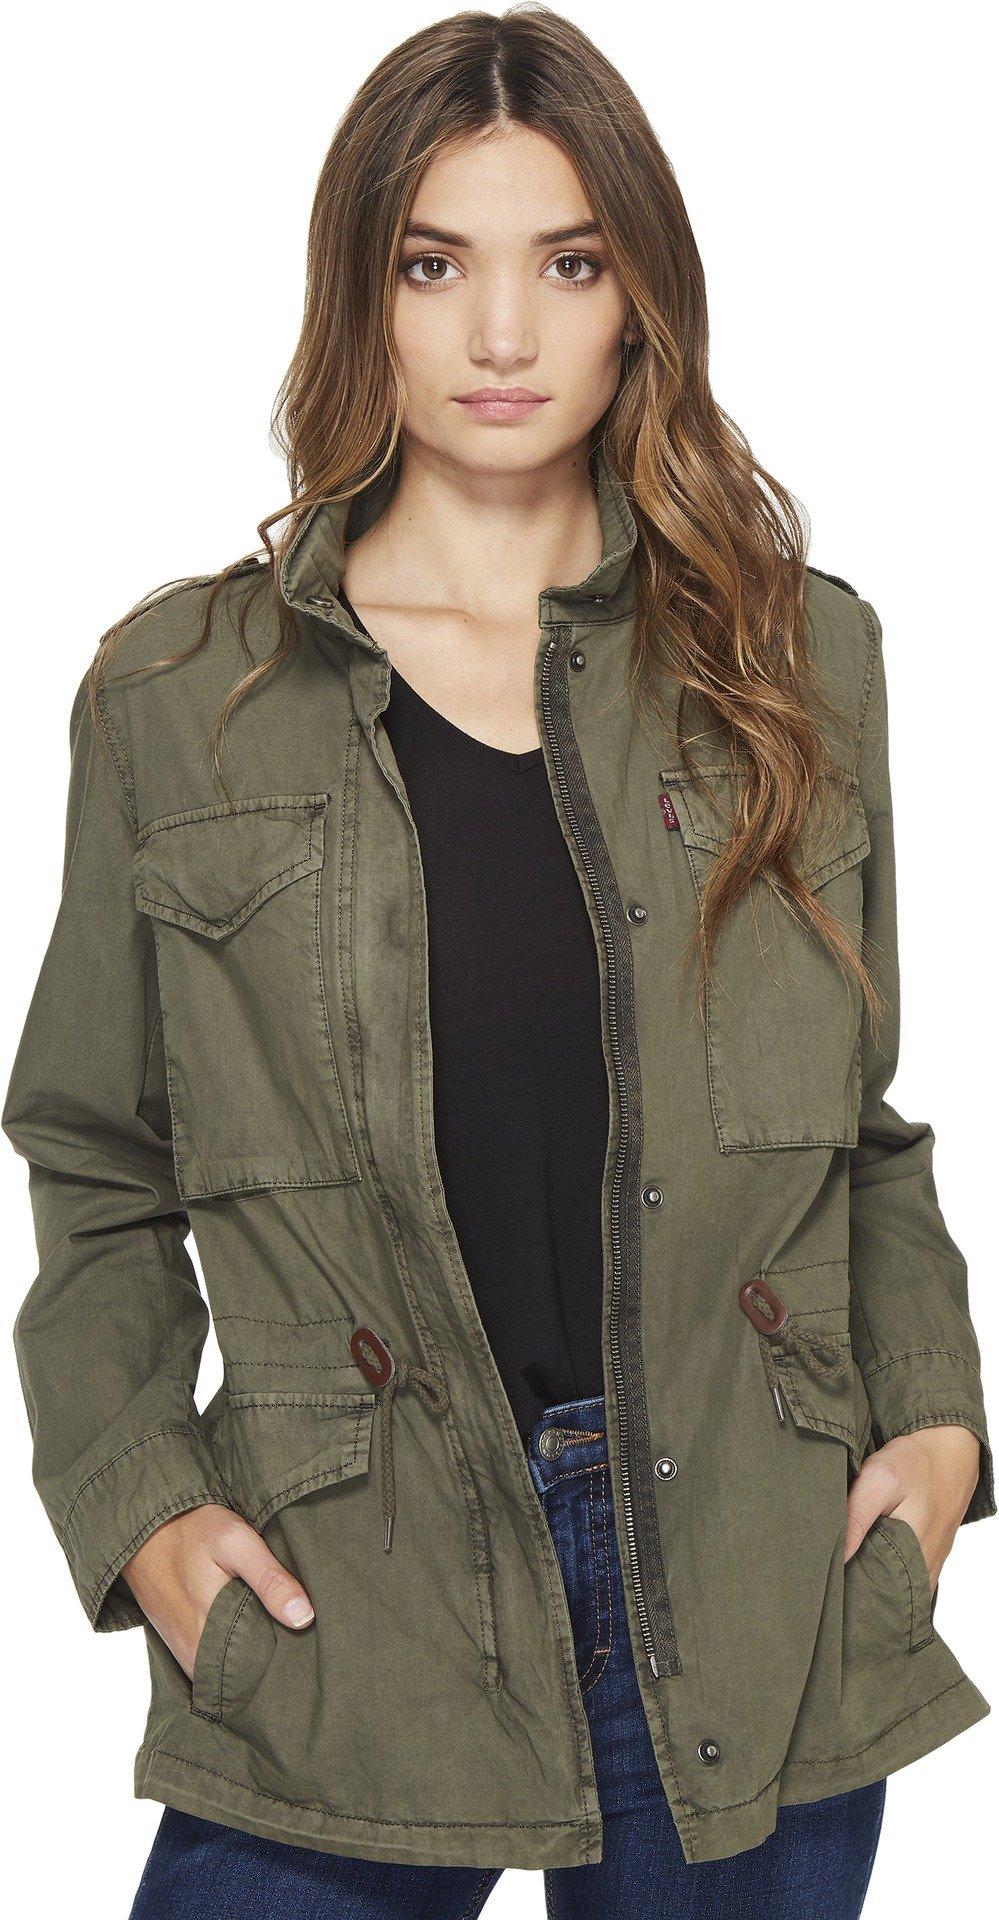 Levi's Women's Parachute Cotton Military Jacket, Agn, XS